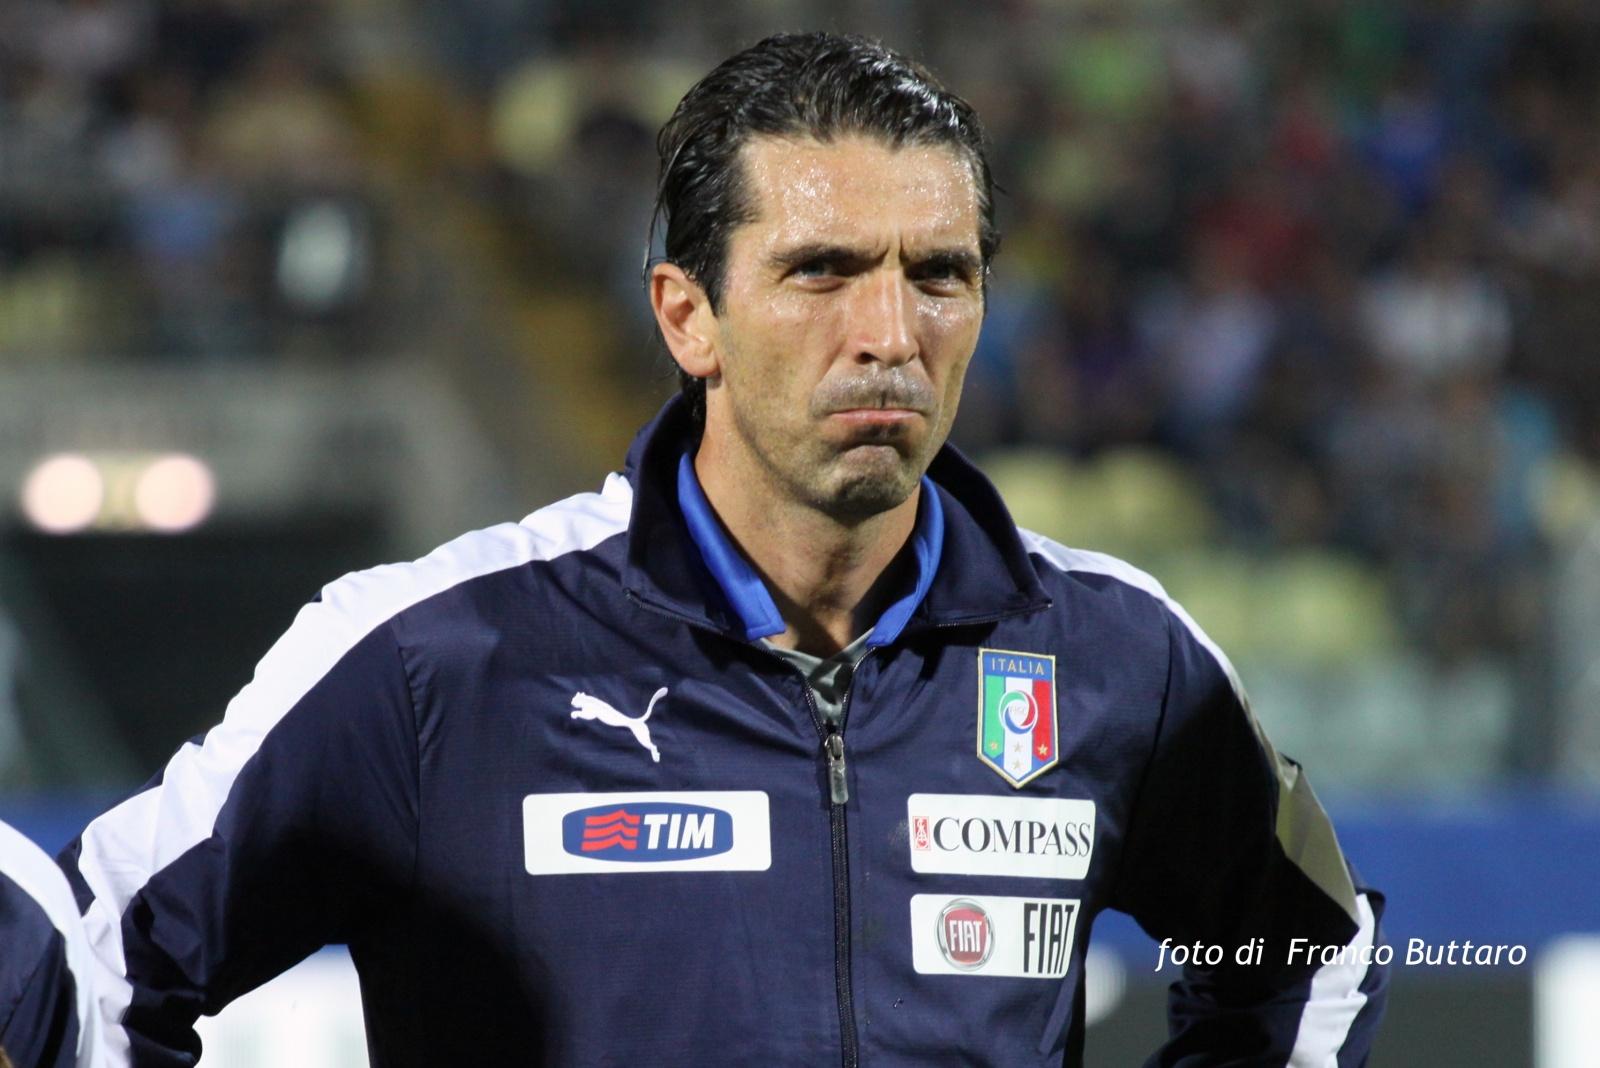 Italia Malta  2-0    - - -   Modena, stadio Braglia, 11 settembre 2012